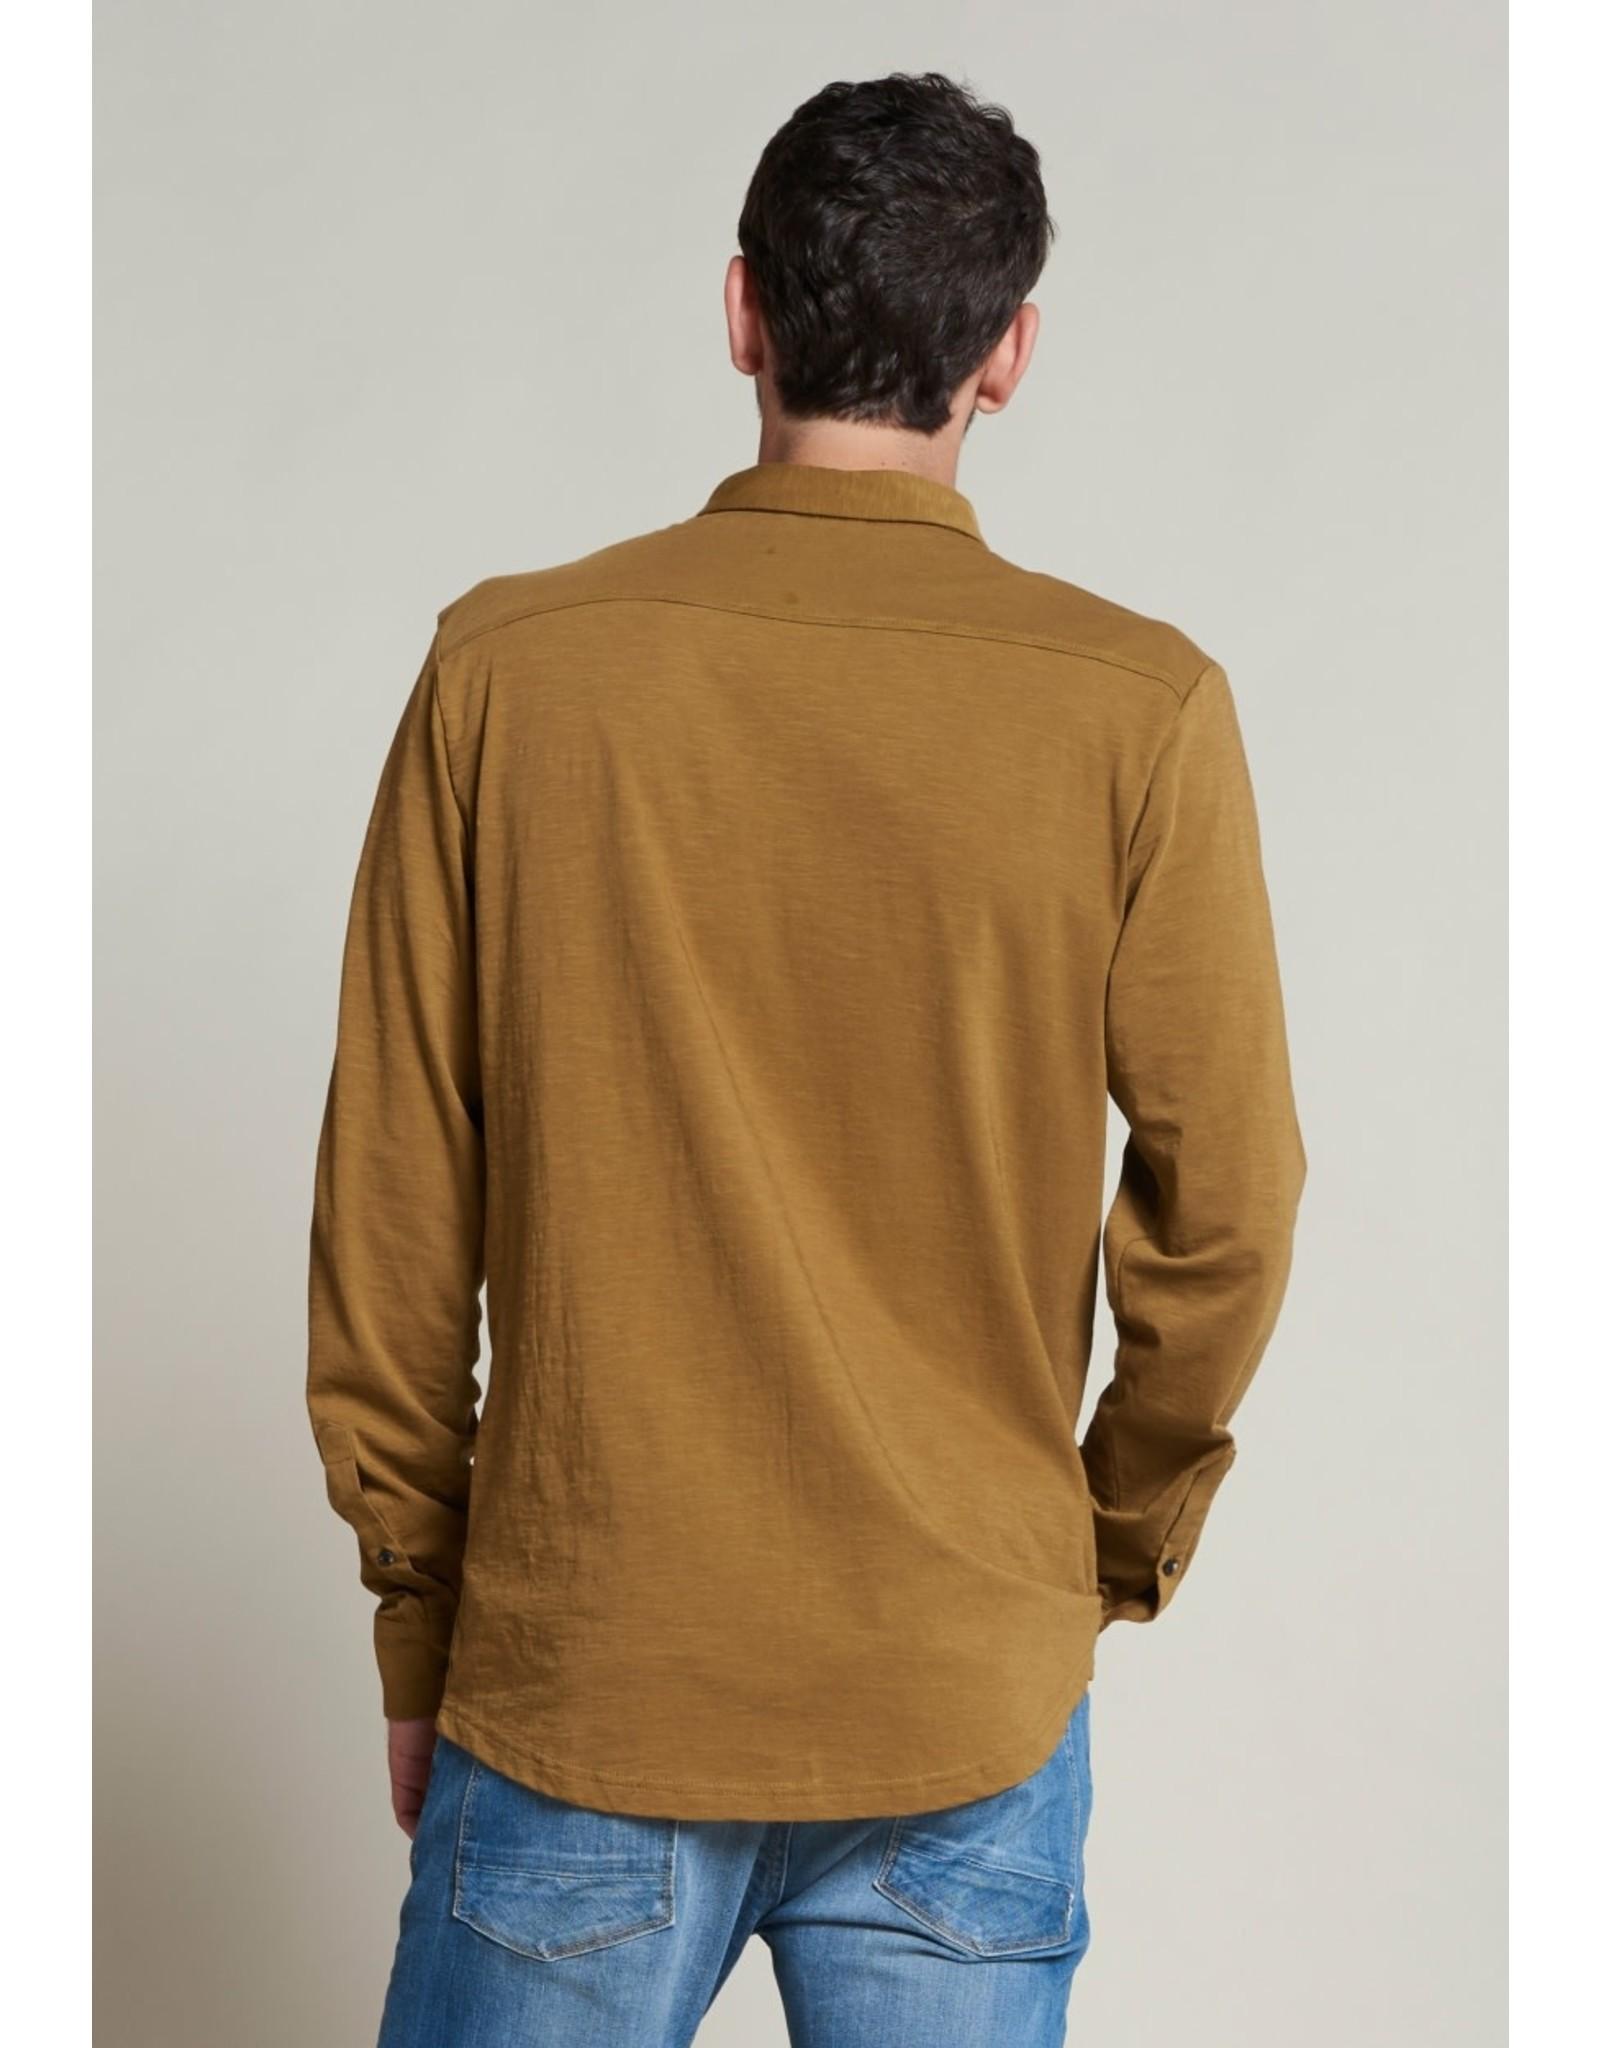 Dstrezzed Dstrezzed shirt slub jersey Mustard